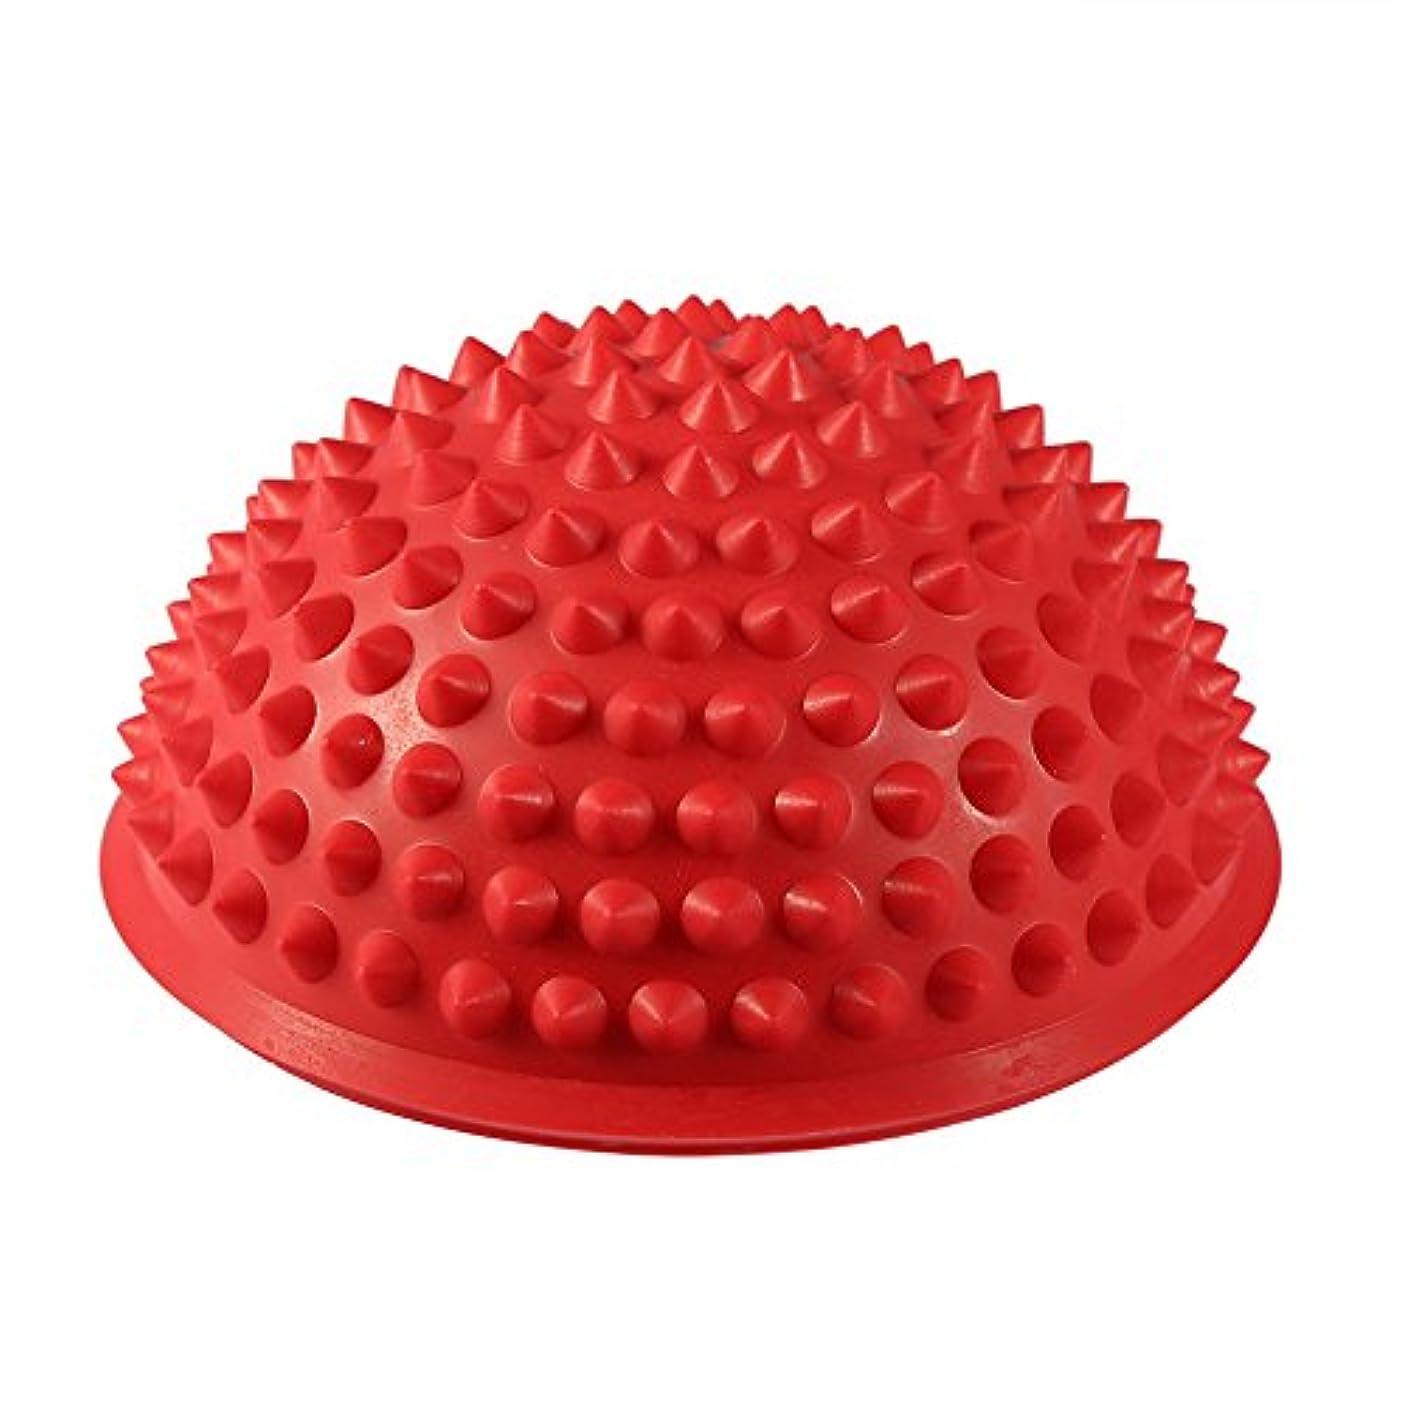 ハーフラウンドPVCマッサージボールヨガボールフィットネスエクササイズジムマッサージ5色(レッド)